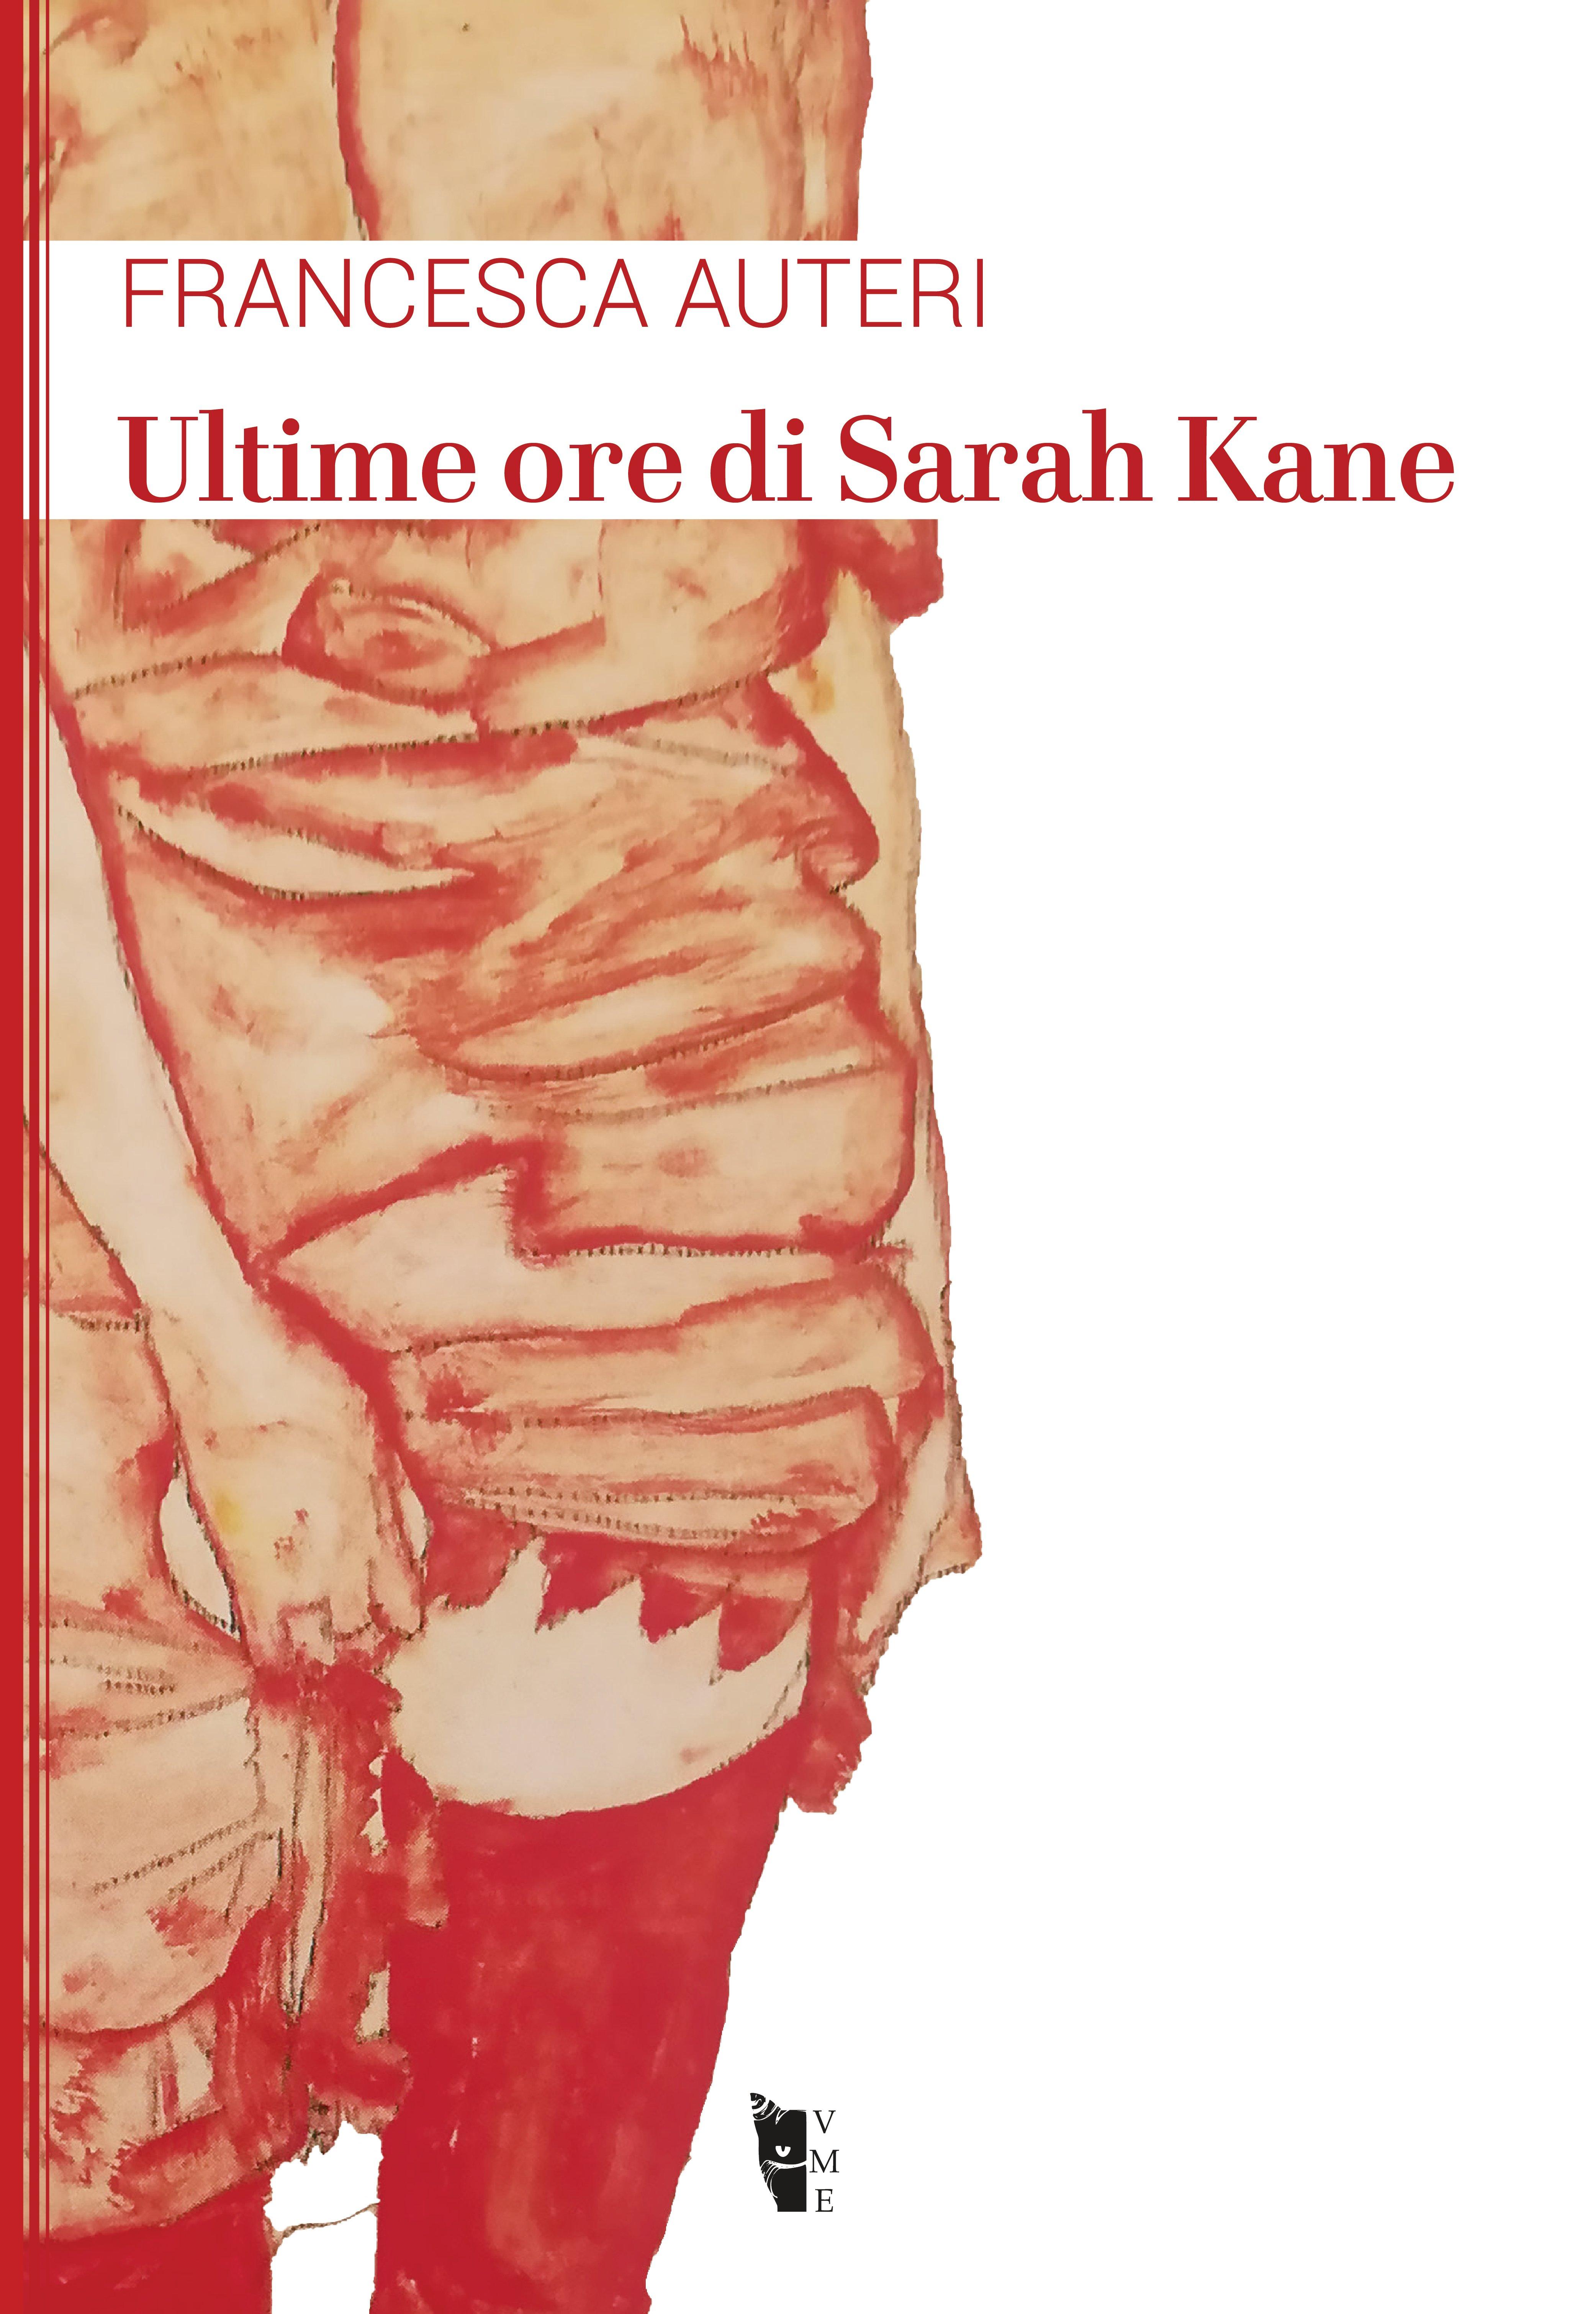 Francesca Auteri - Ultime ore di Sarah Kane 9788894898361